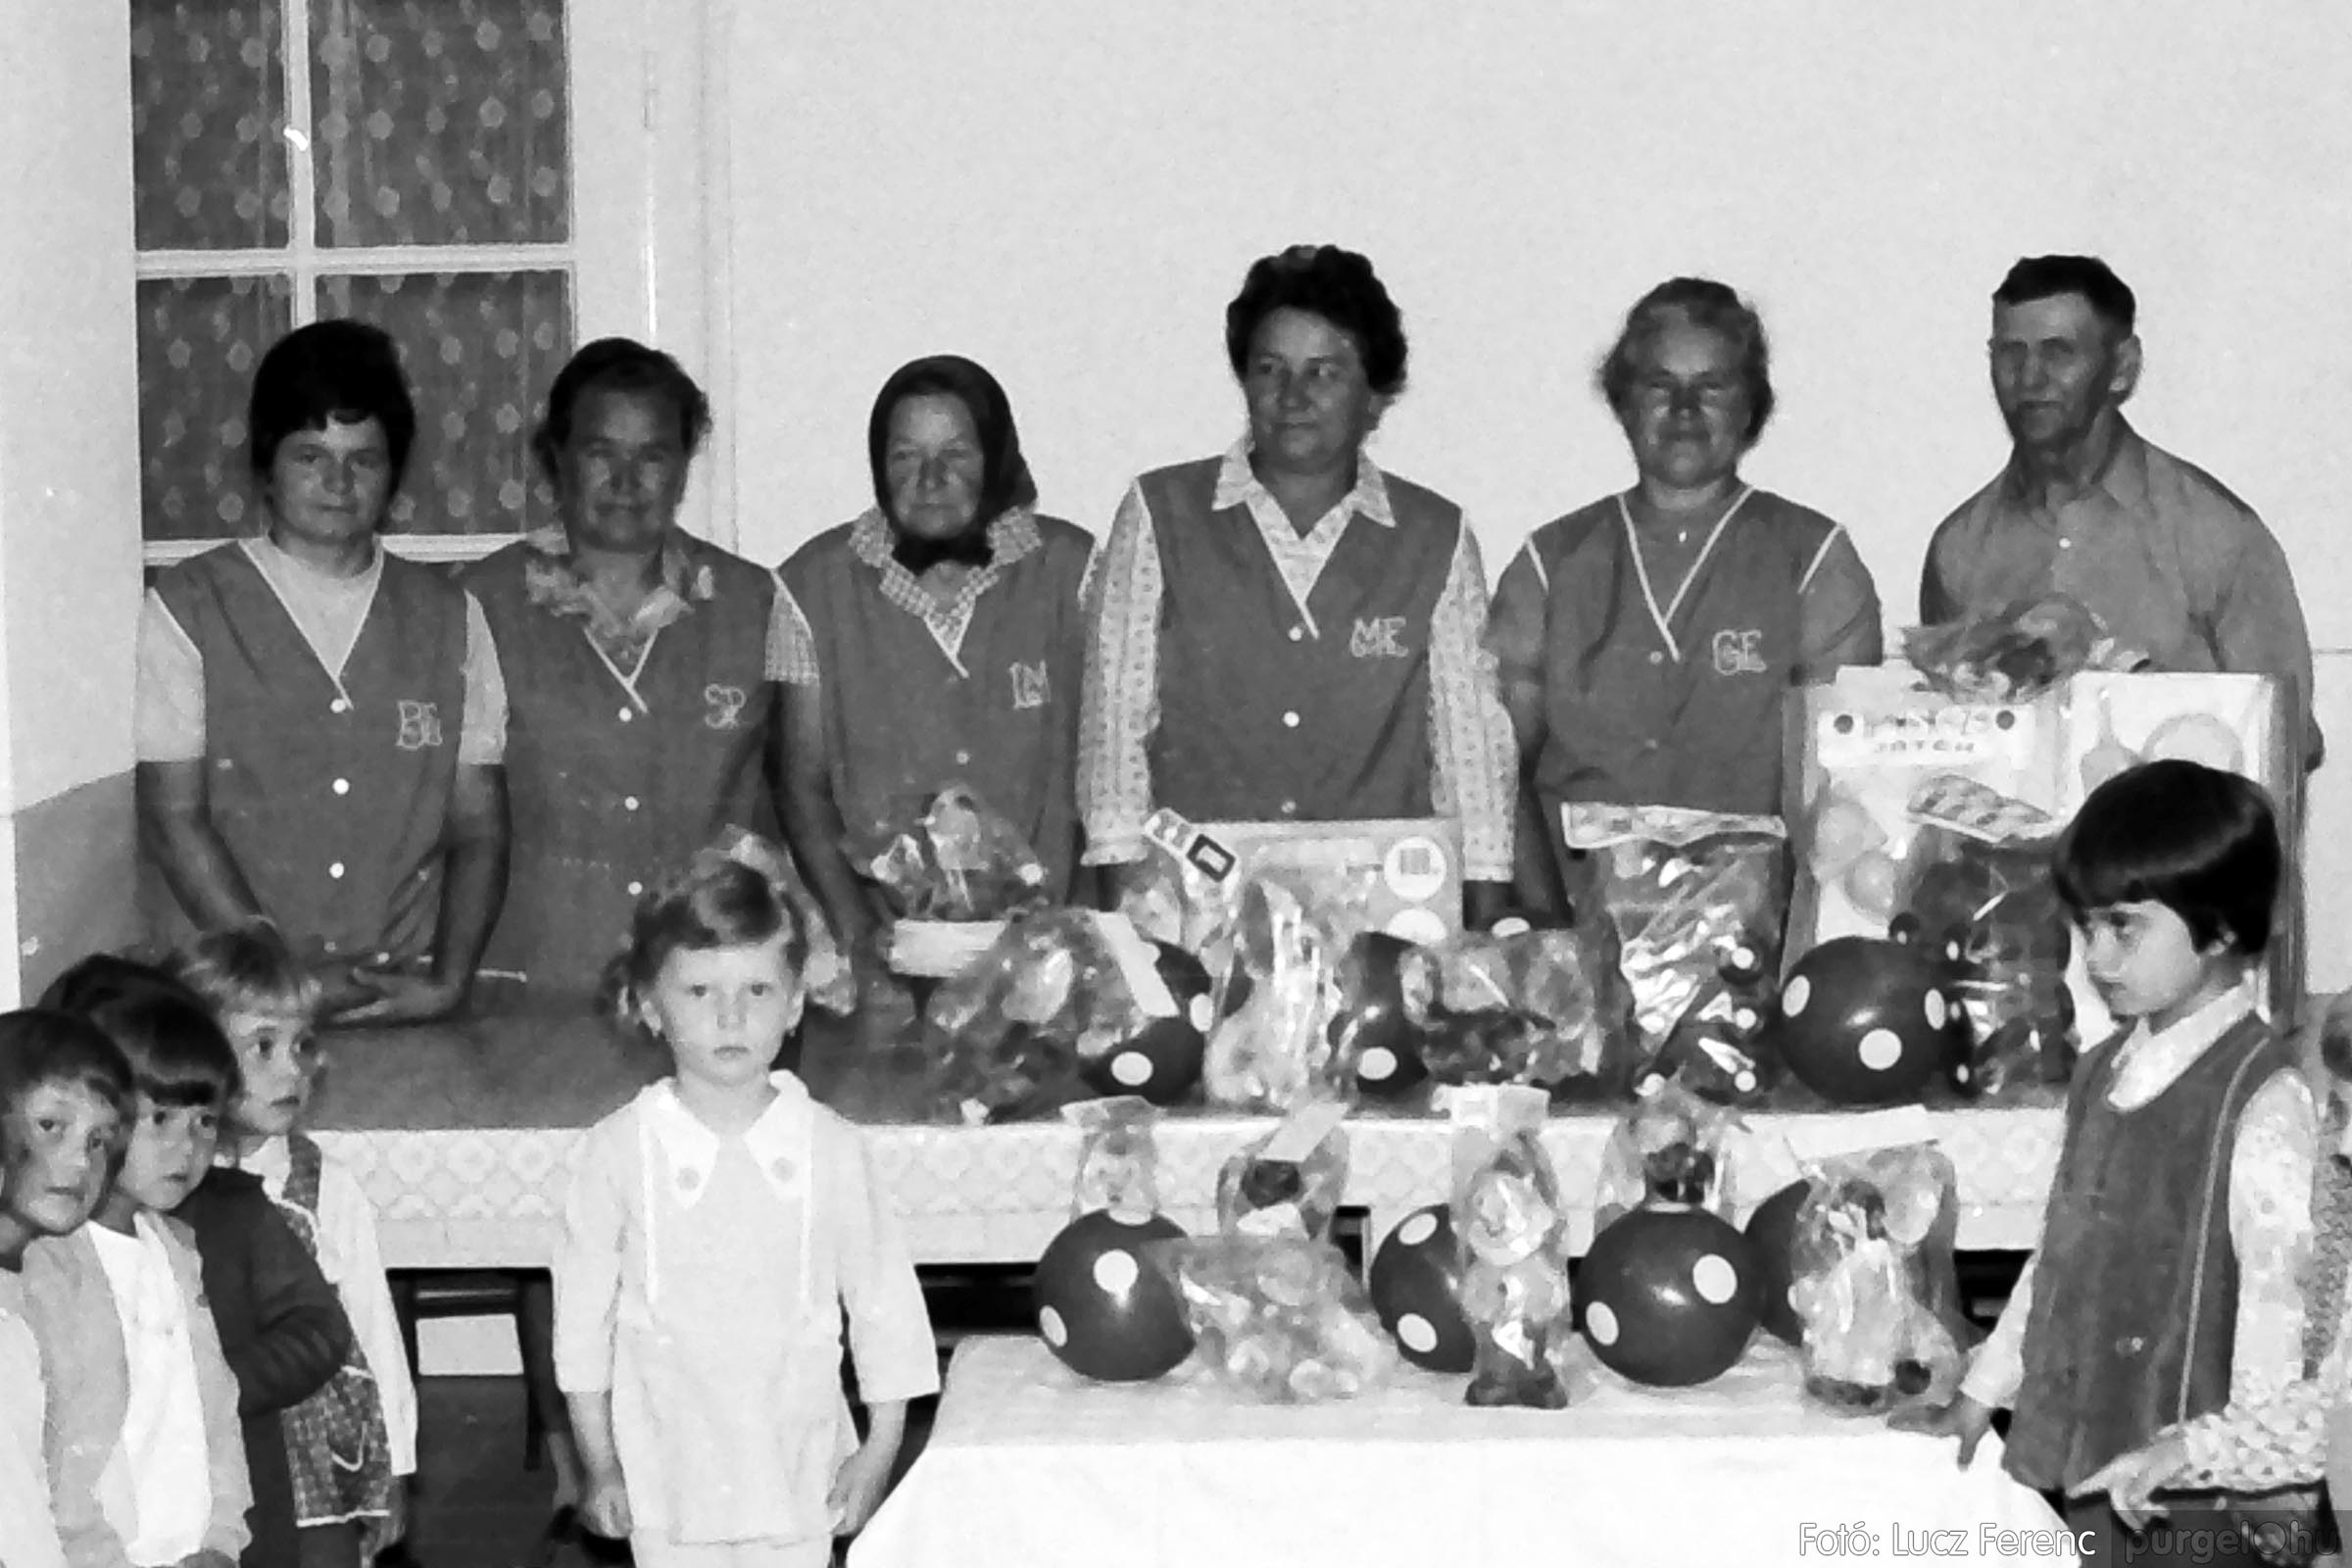 016 1975. Puskin TSZ kertészet szocialista brigád ajándéka az óvodának 005 - Fotó: Lucz Ferenc IMG00166q.jpg